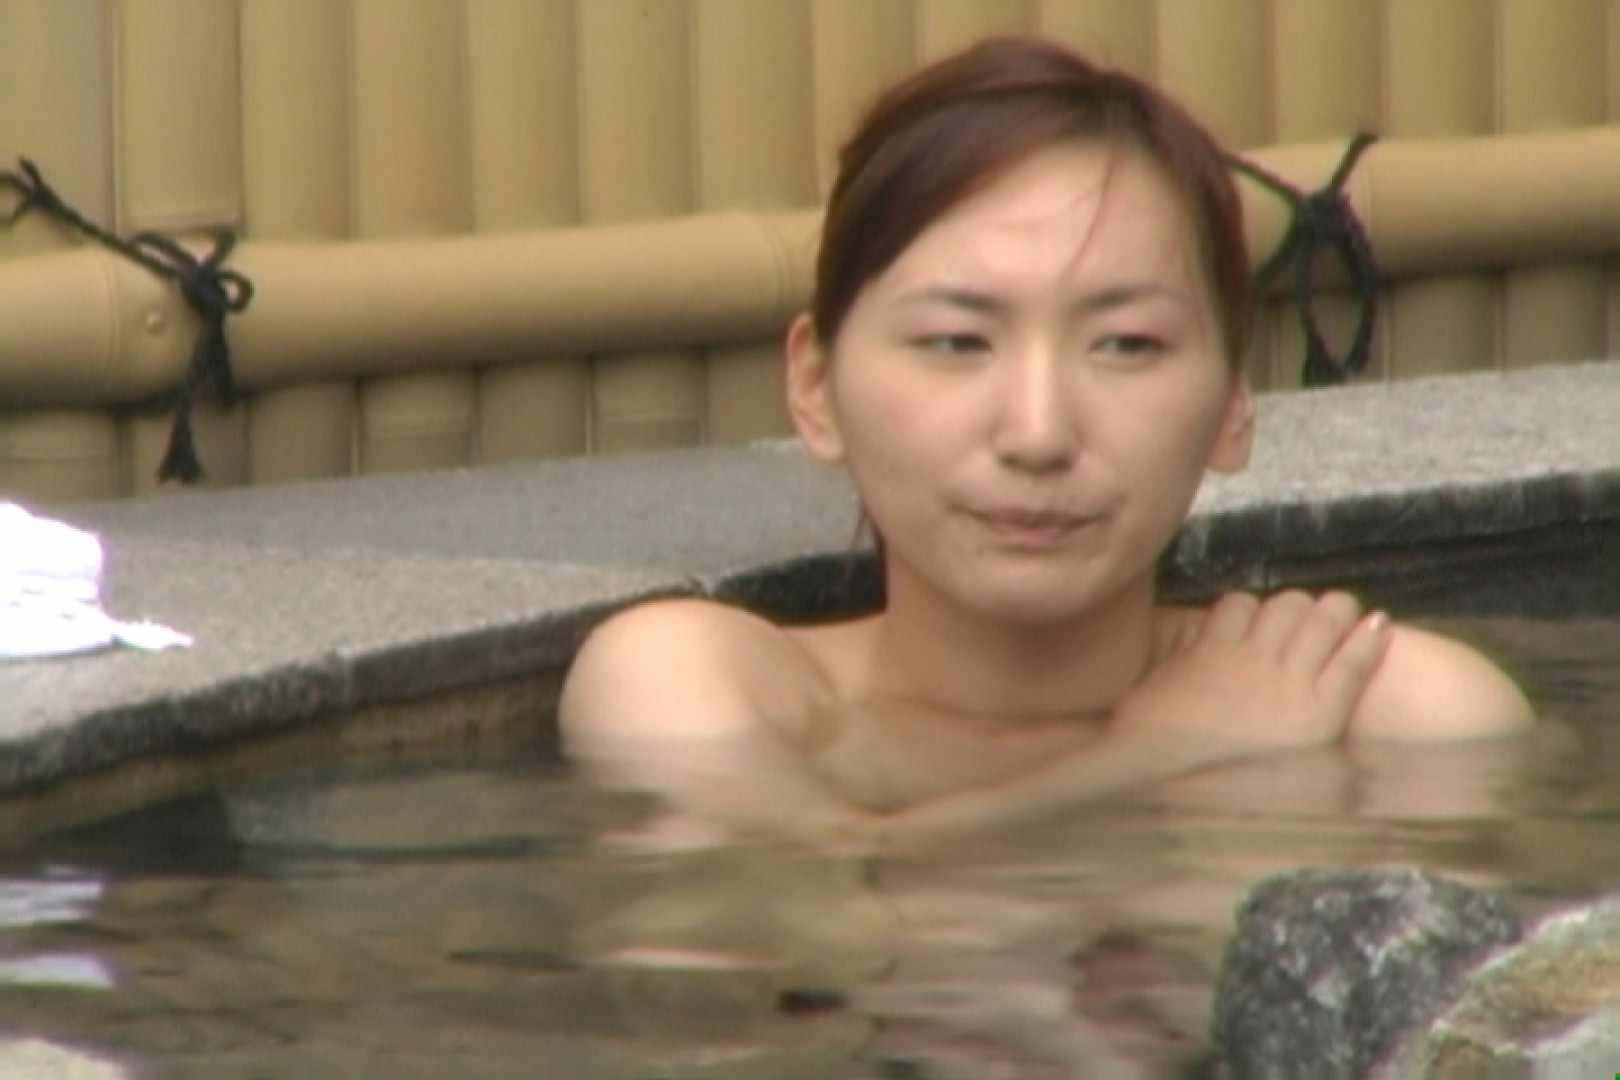 Aquaな露天風呂Vol.616 露天  99画像 75